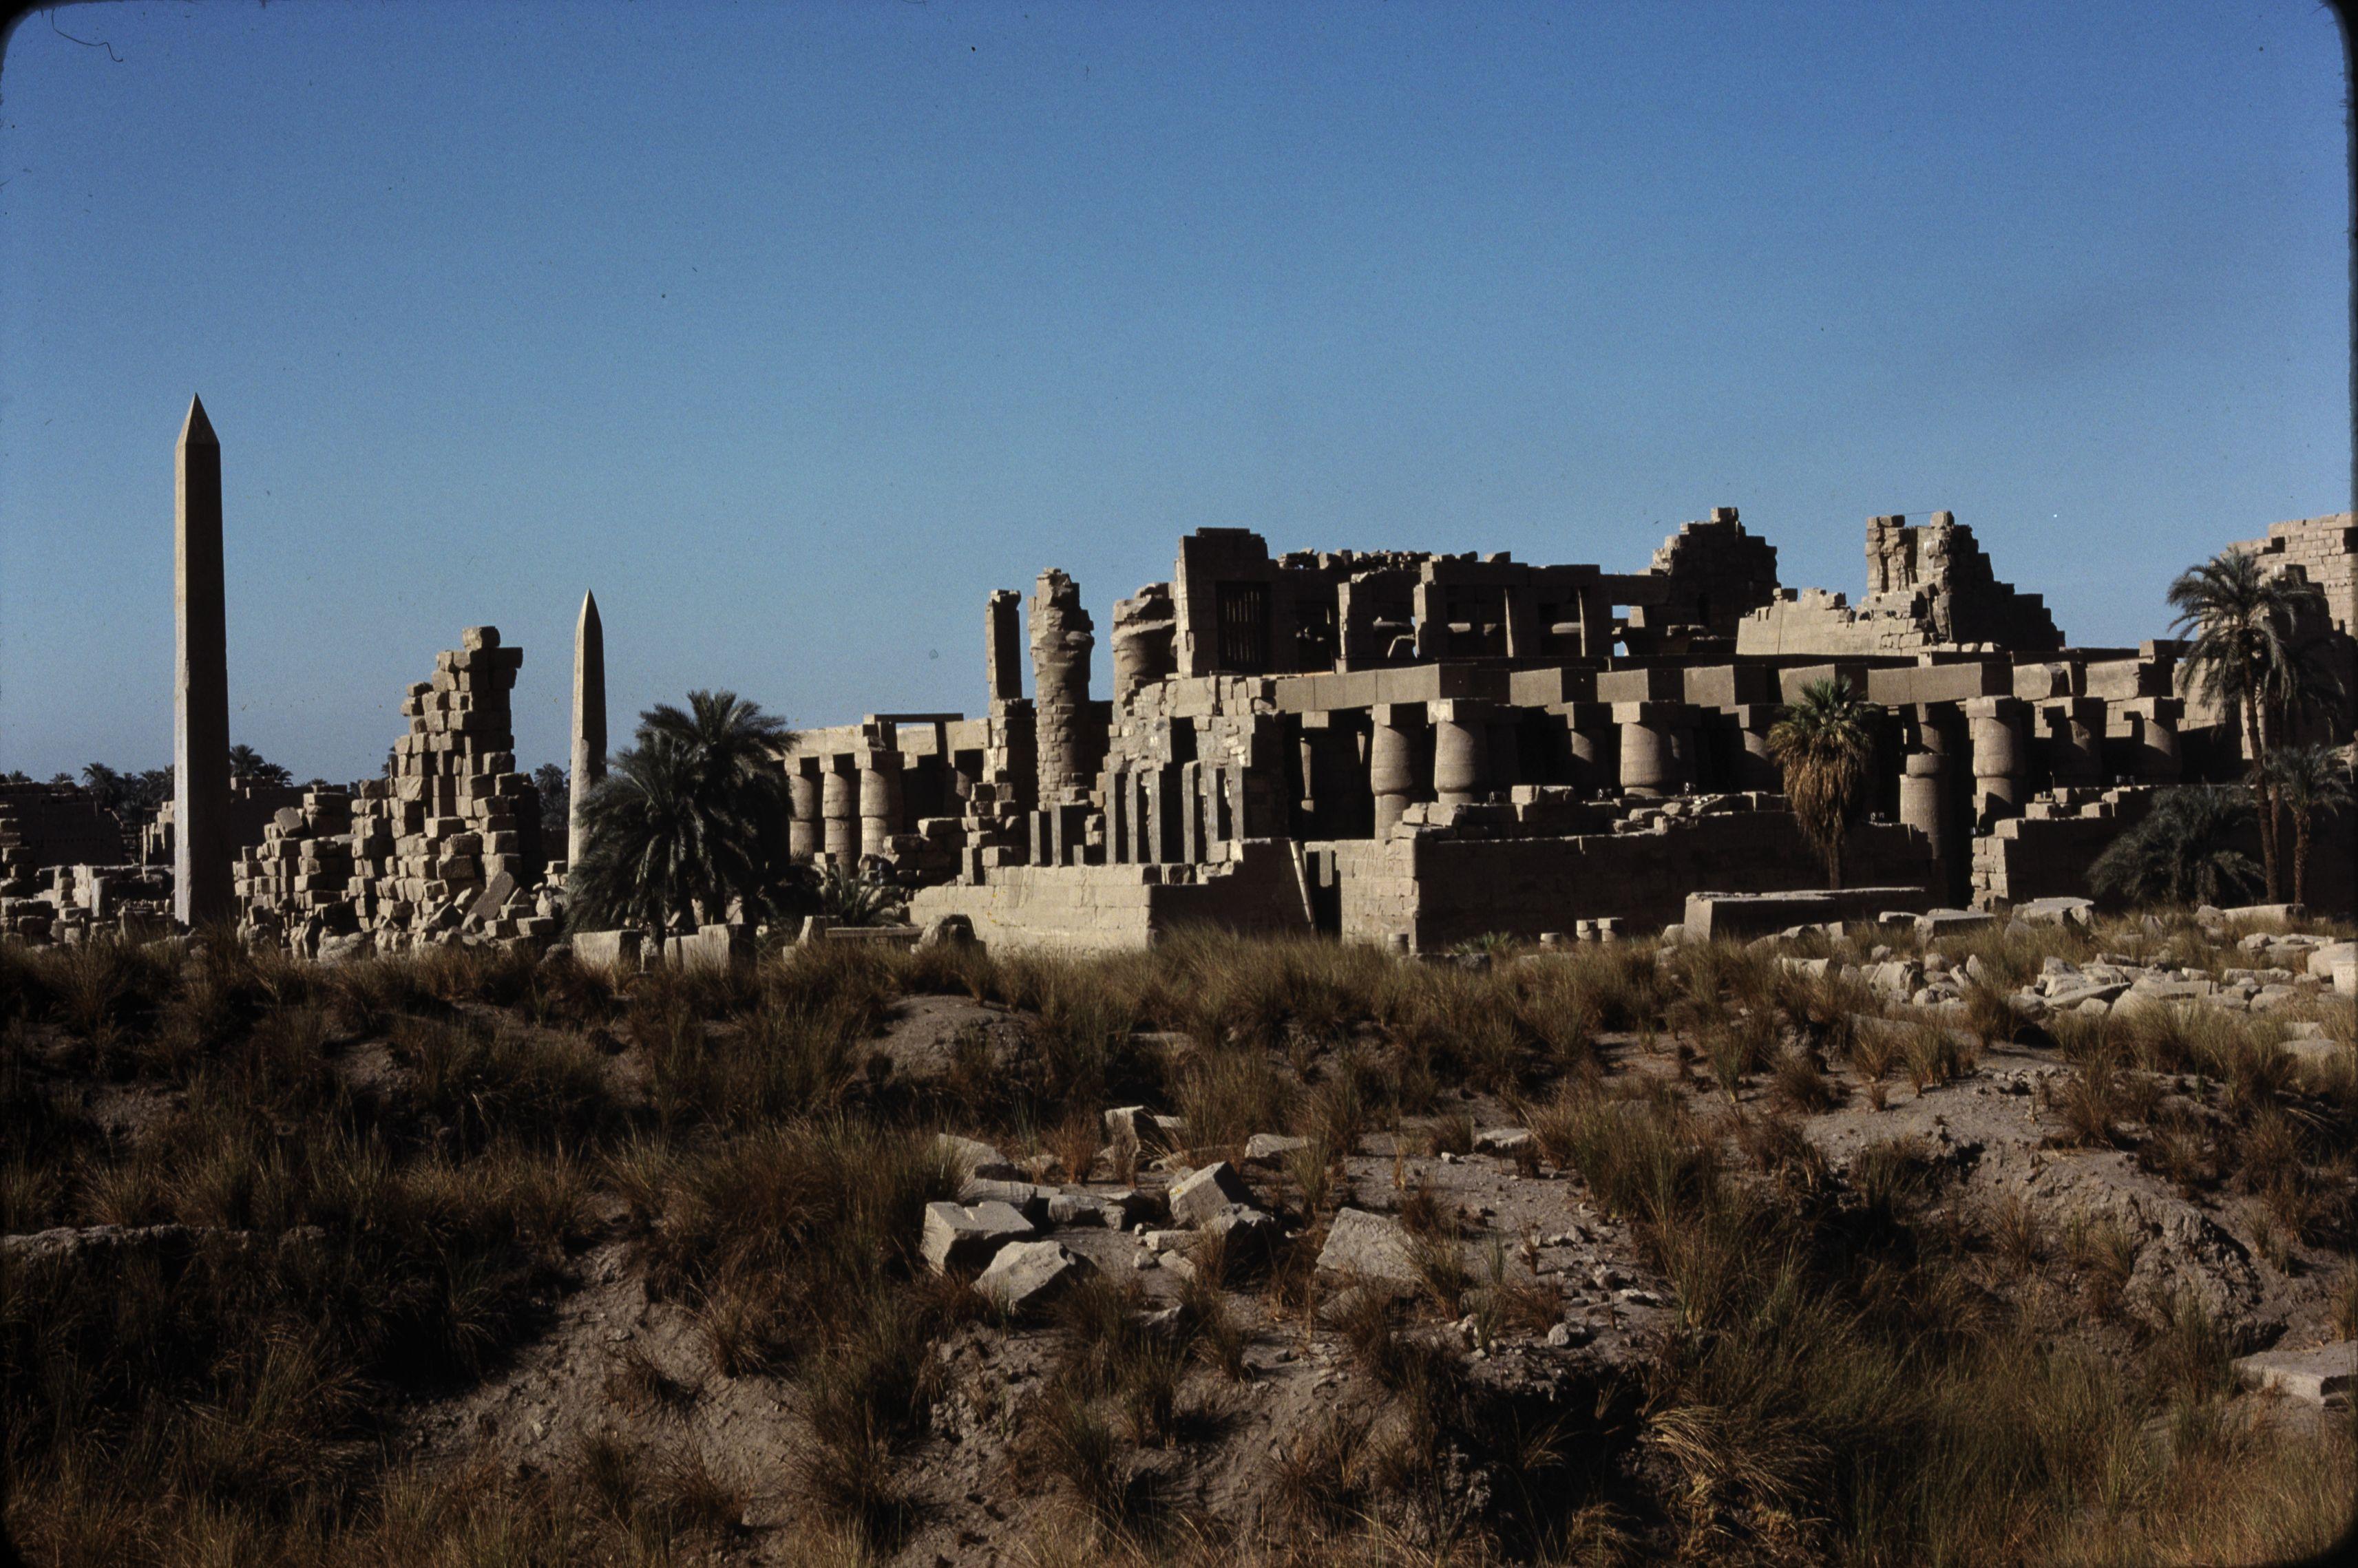 Храм Амона-Ра. Большой колонный зал с северо-востока. Обелиск Тутмоса III 23 м высотой, обелиск Хатшепсут  29,8 м.